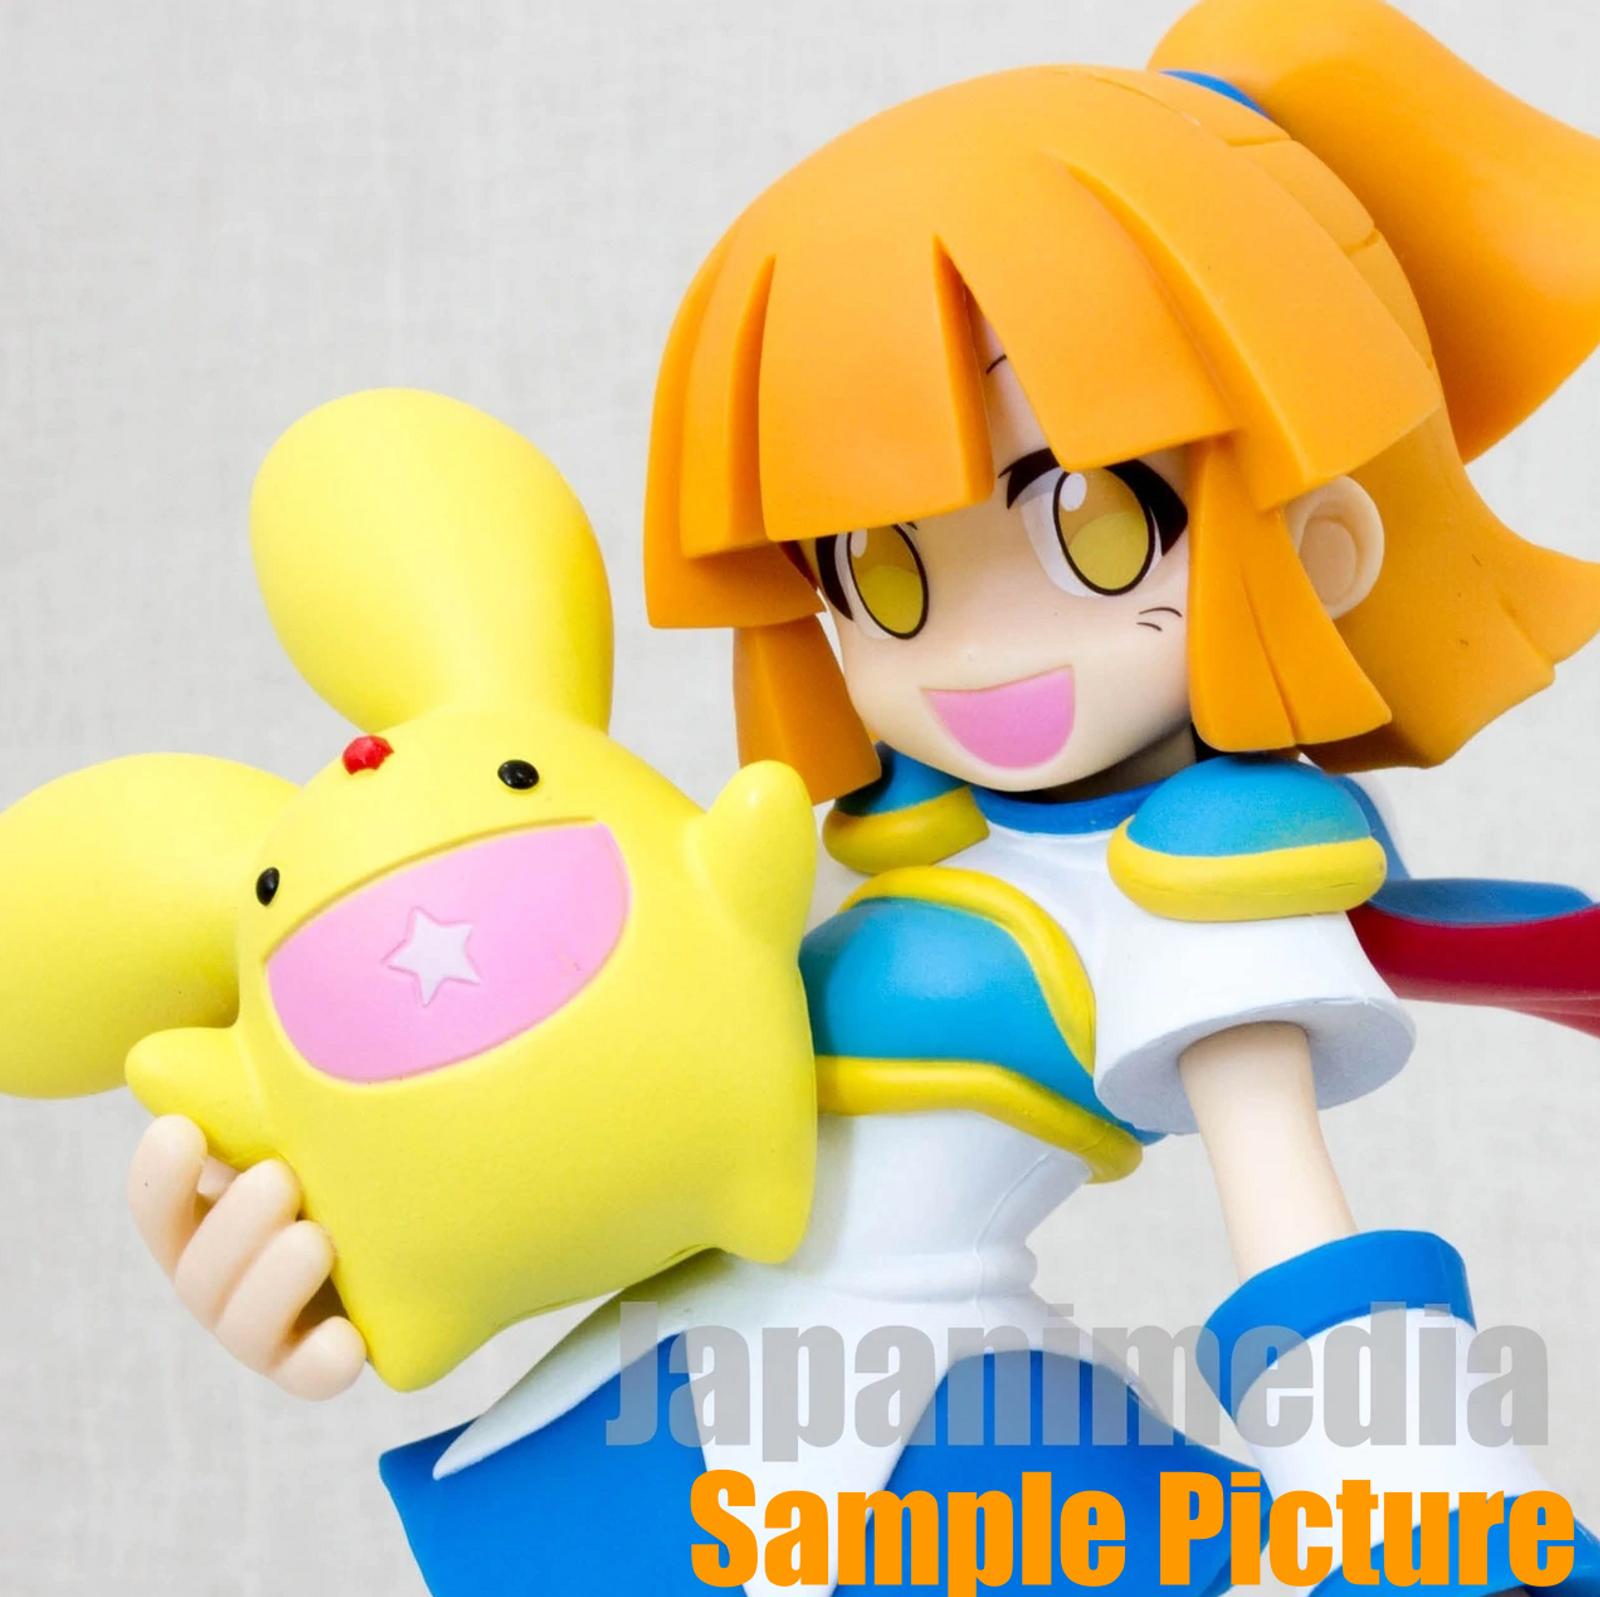 Puyo Puyo Arle Nadja Premium Figure SEGA JAPAN GAME ANIME 1